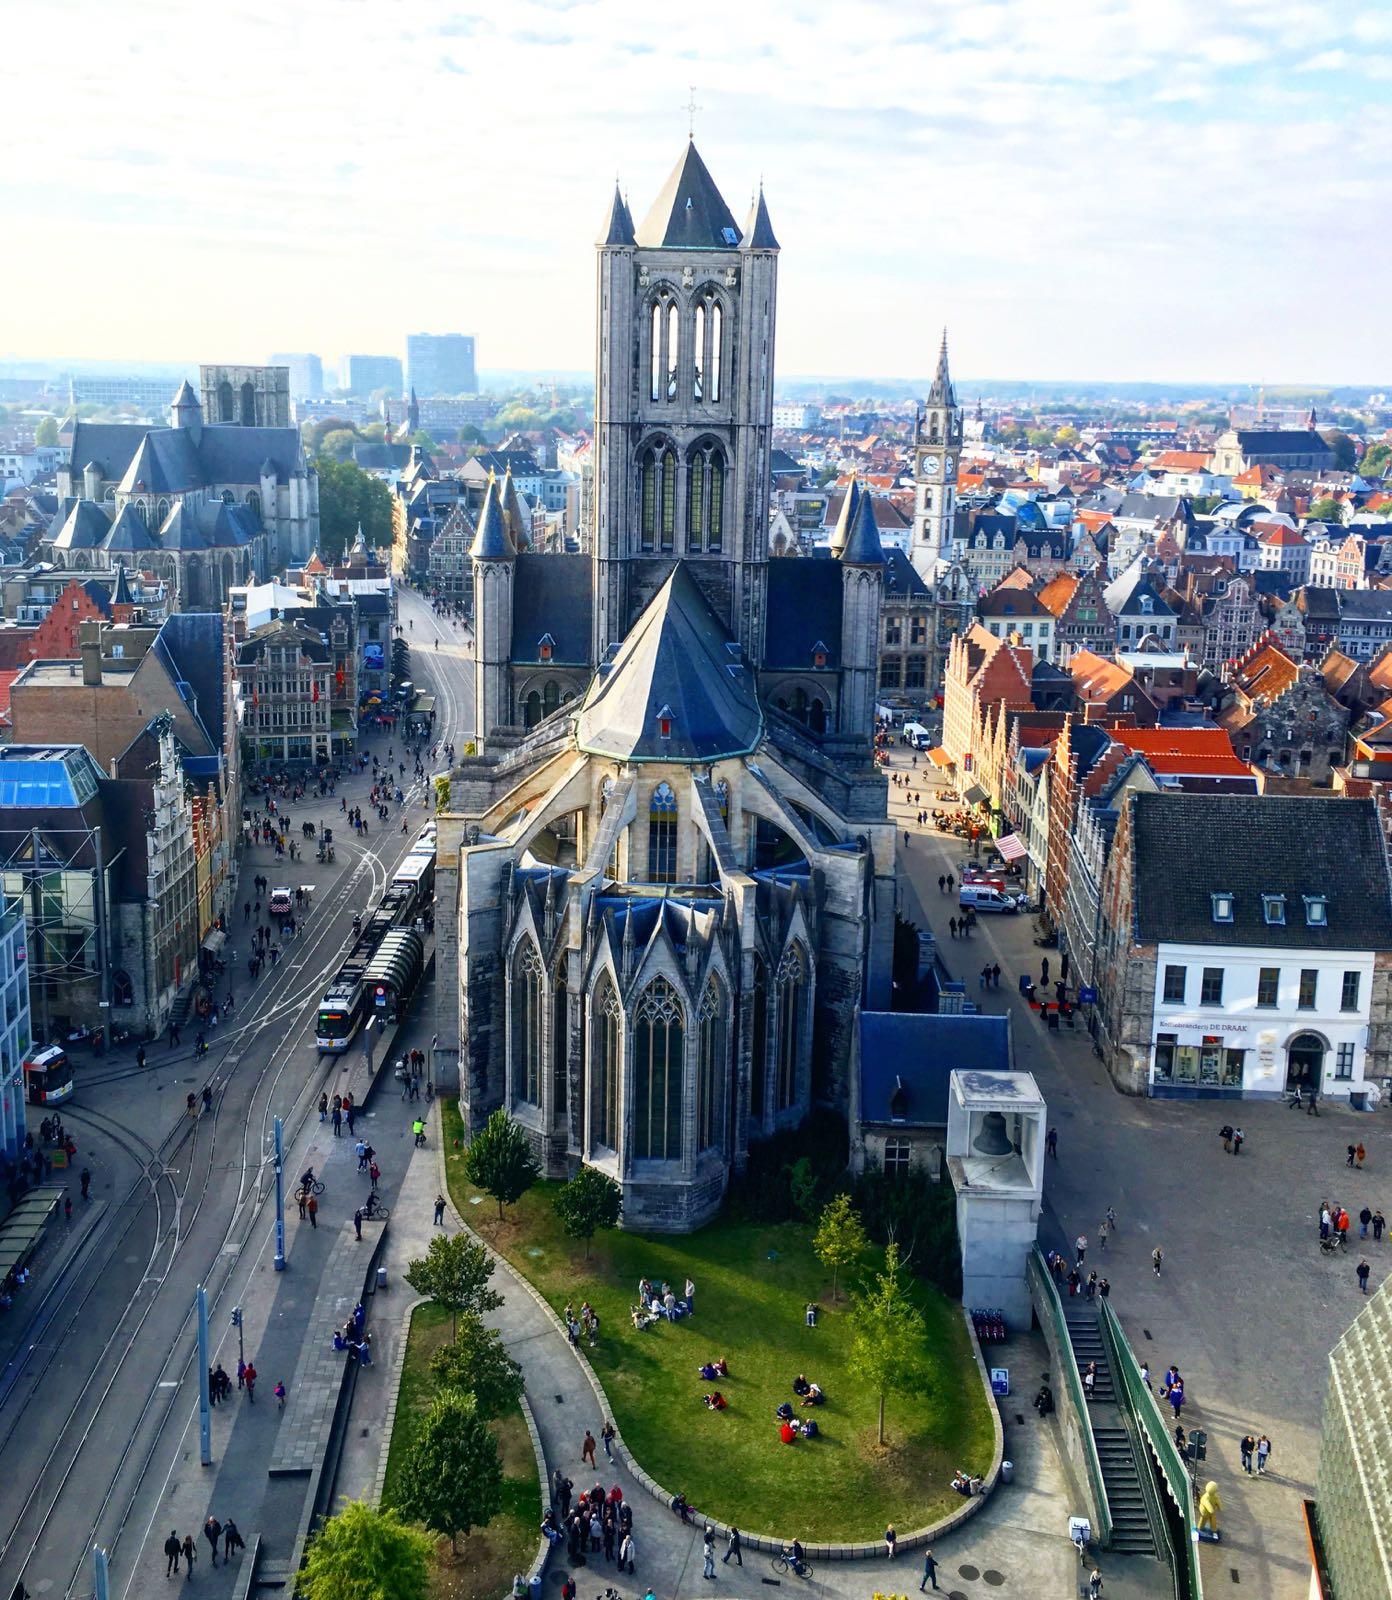 Le Chameau Bleu - Escapade en Belgique - Gand vu du ciel